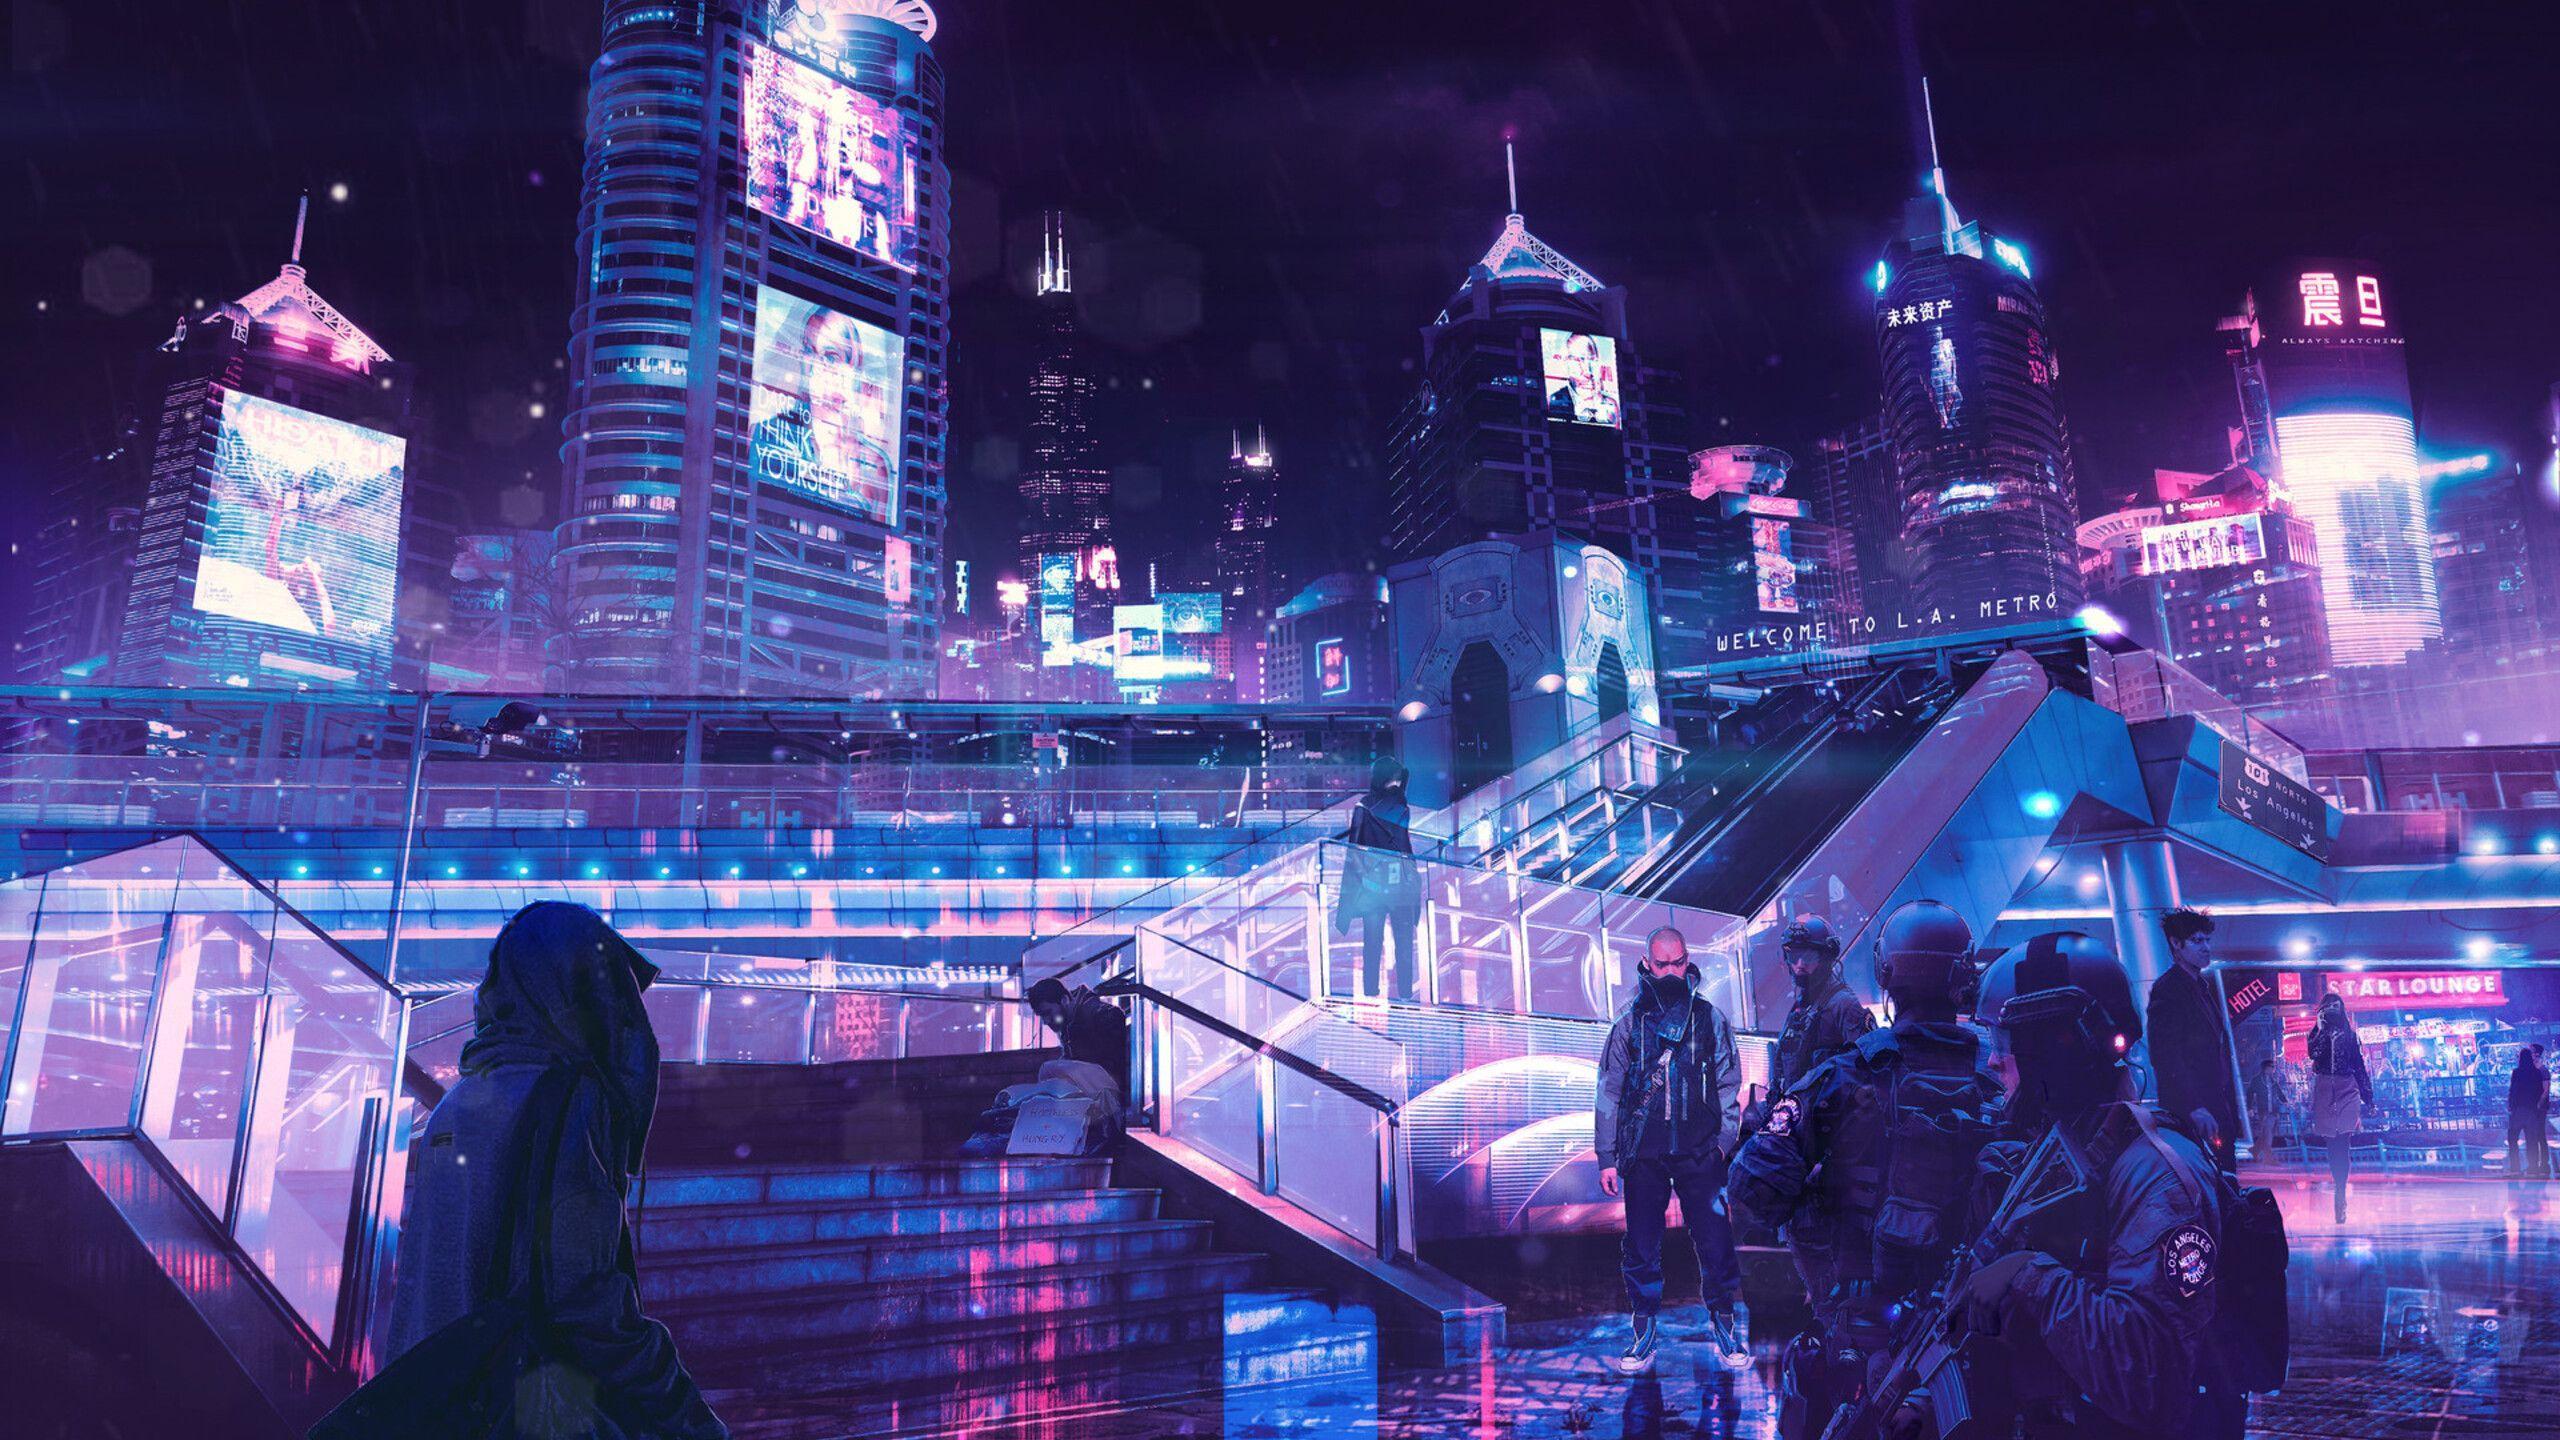 Cyberpunk 2560x1440 Wallpapers Top Free Cyberpunk 2560x1440 Backgrounds Wallpaperaccess